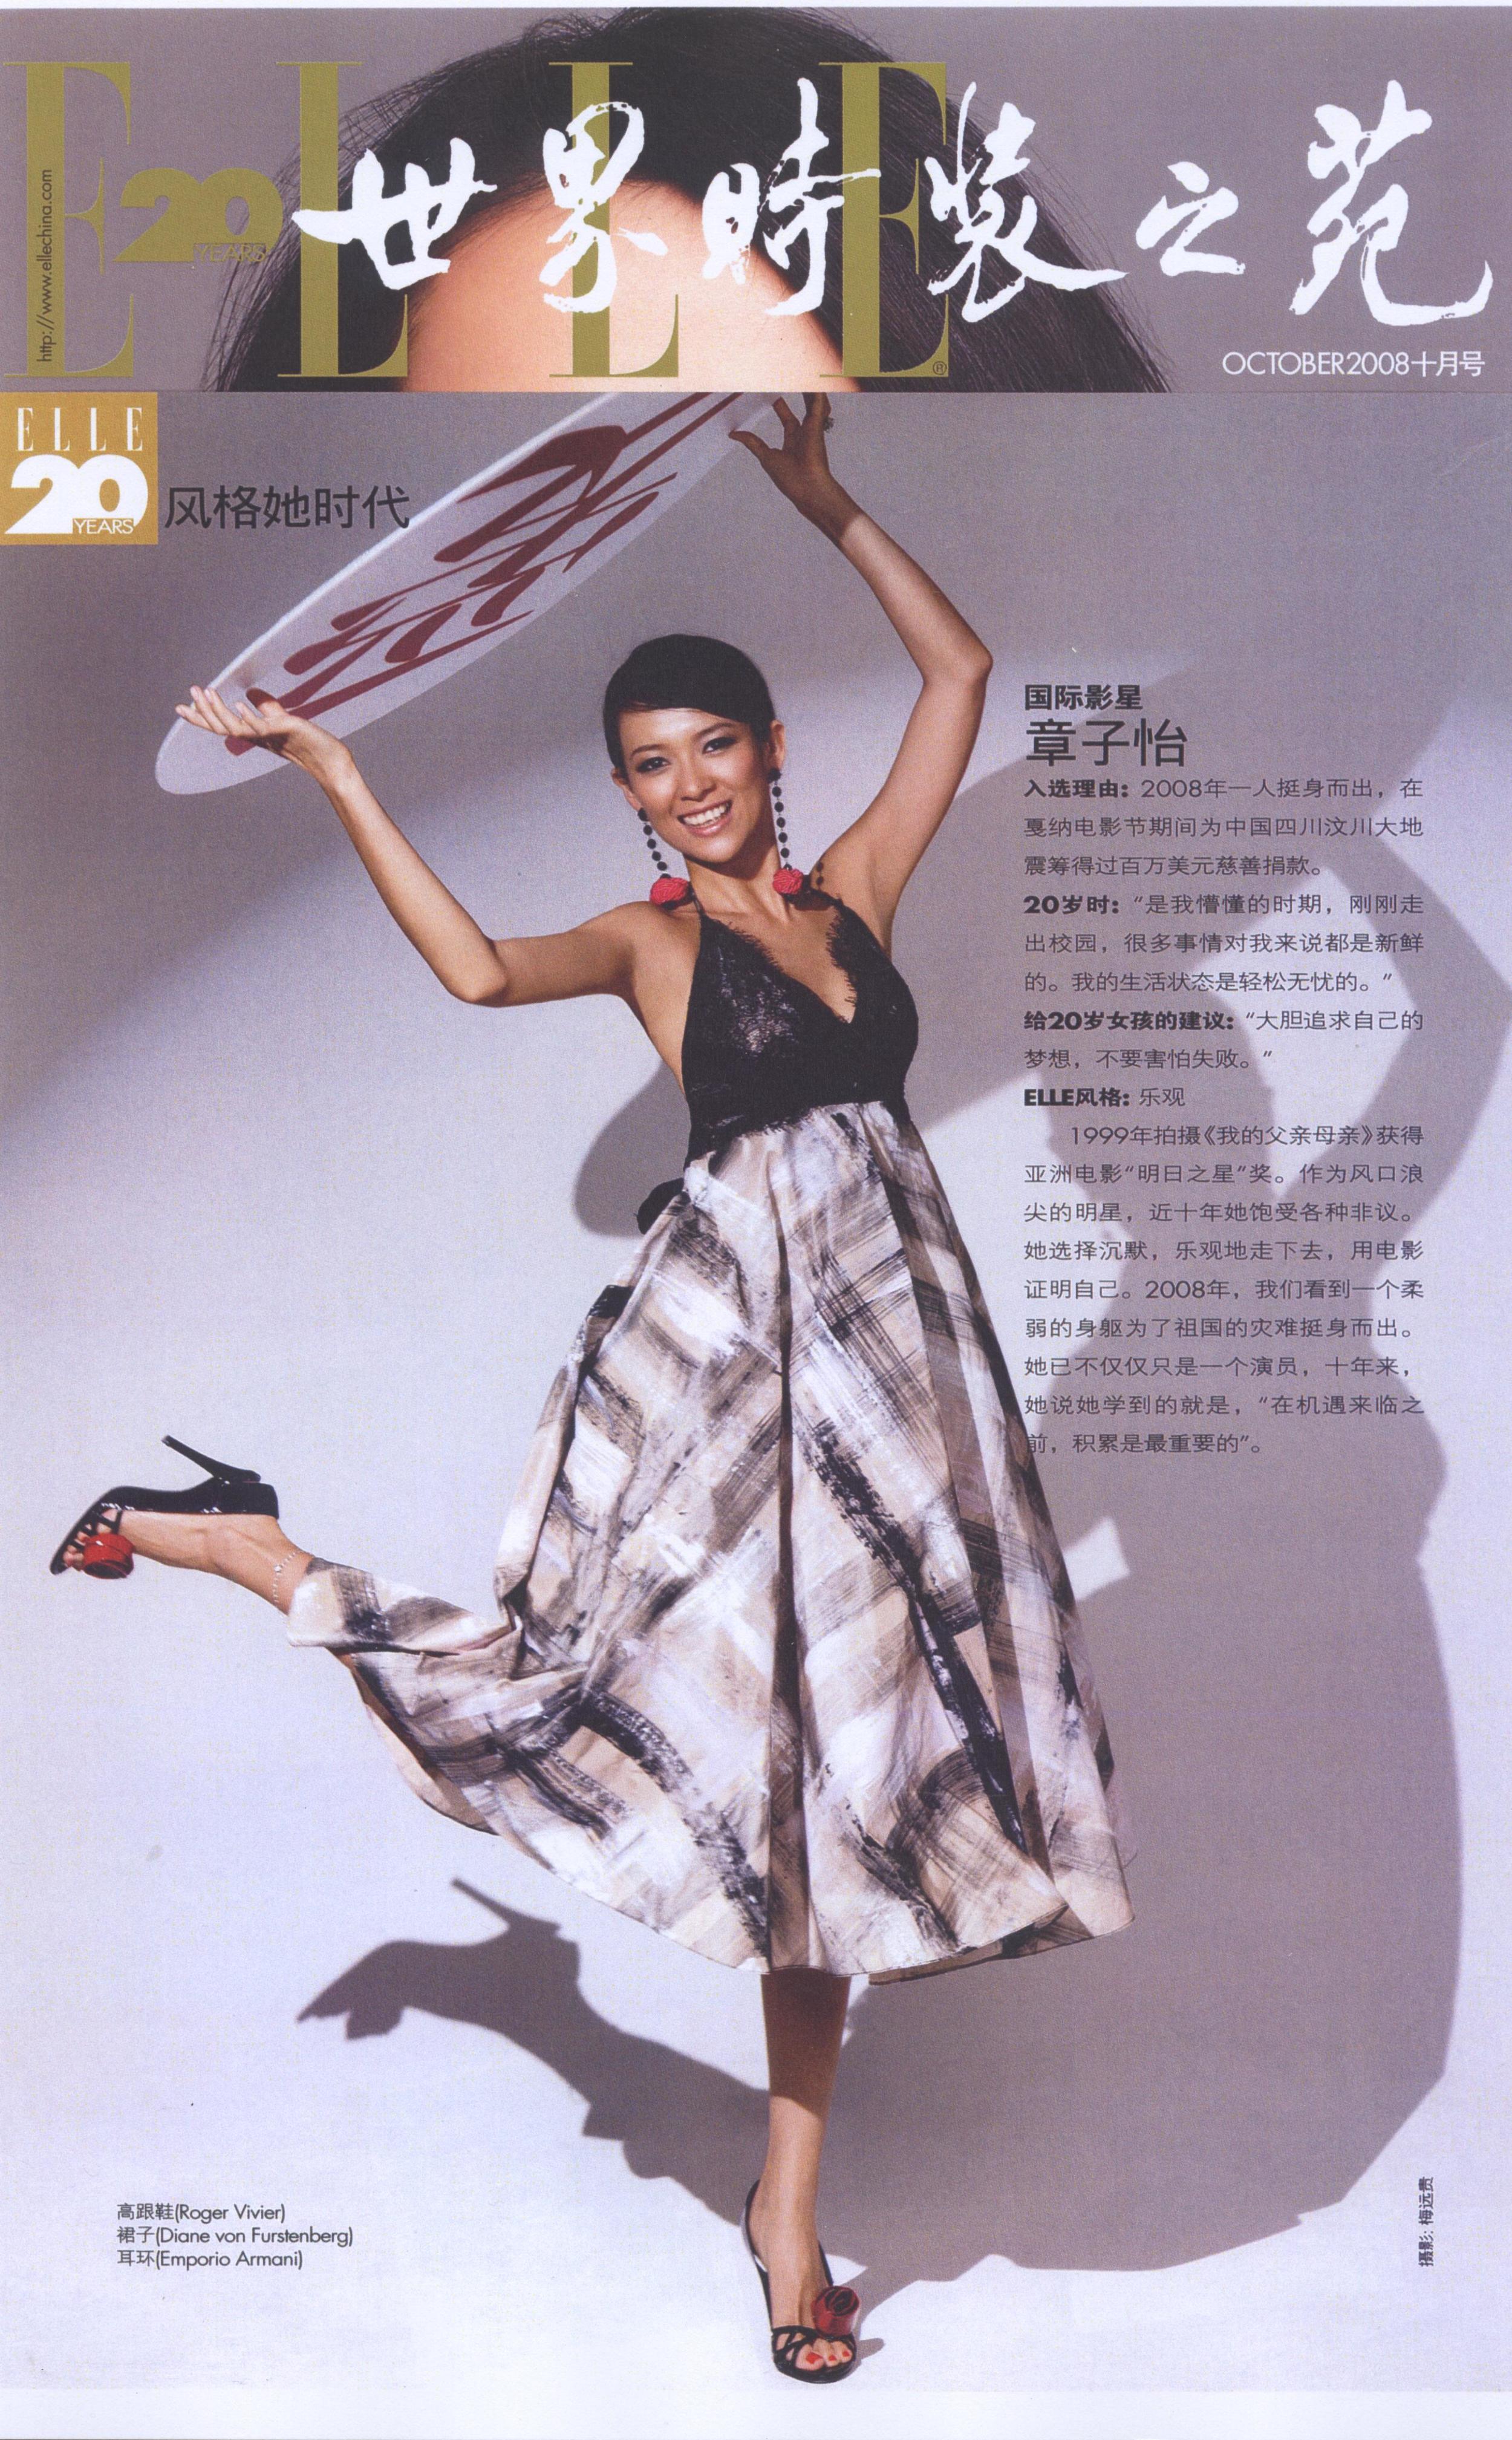 Ziyi Zhang 1 - Elle China - Oct 08.jpg